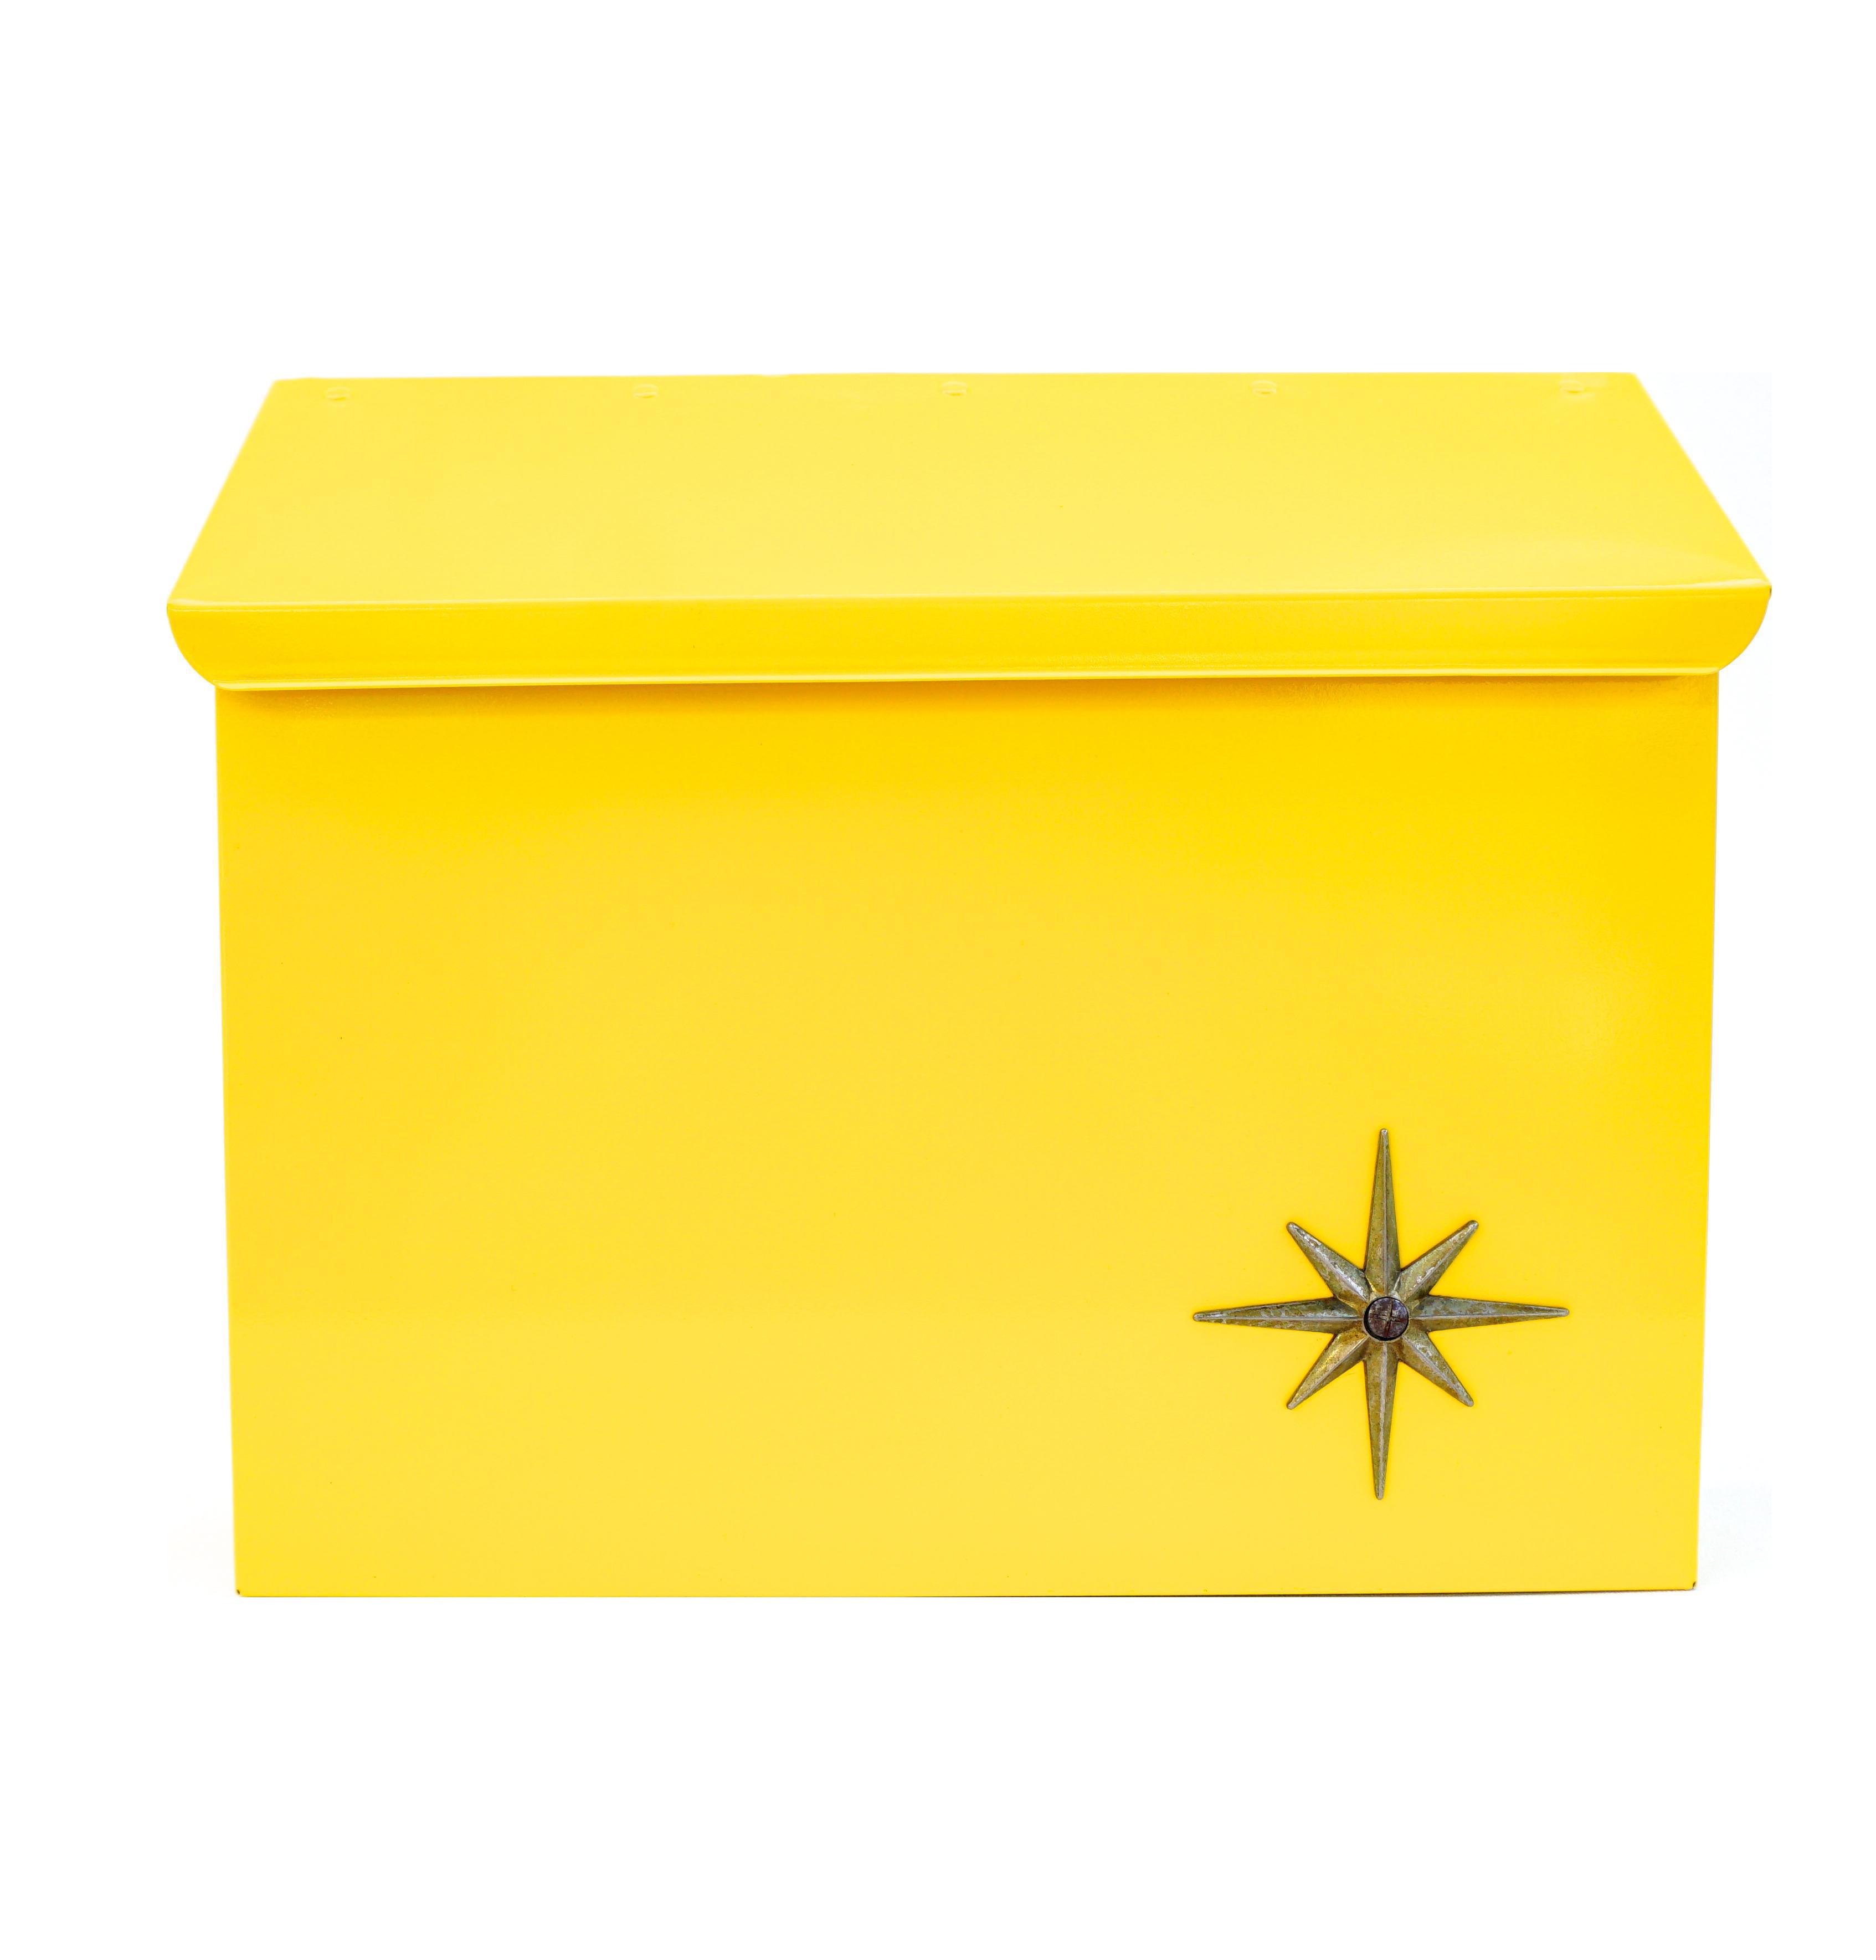 modern wall mount mailbox. Mid-Century Modern Yellow Metal Atomic Starburst Wall Mount Mailbox